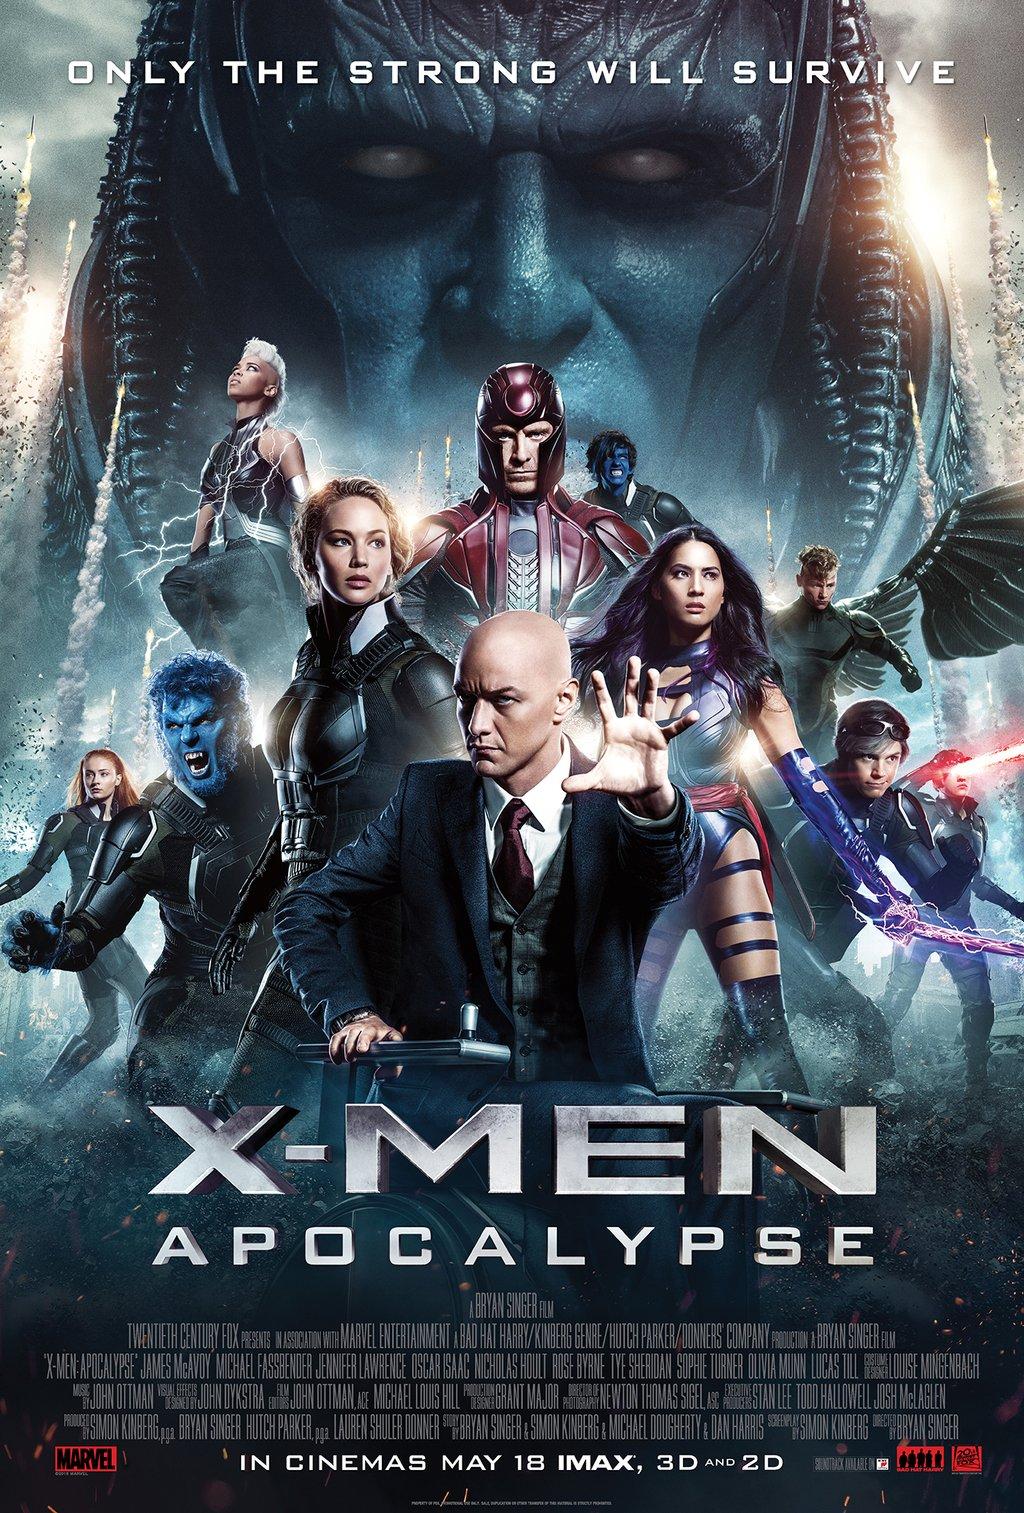 Review: 'X-Men Apocalypse' provides decent summerentertainment